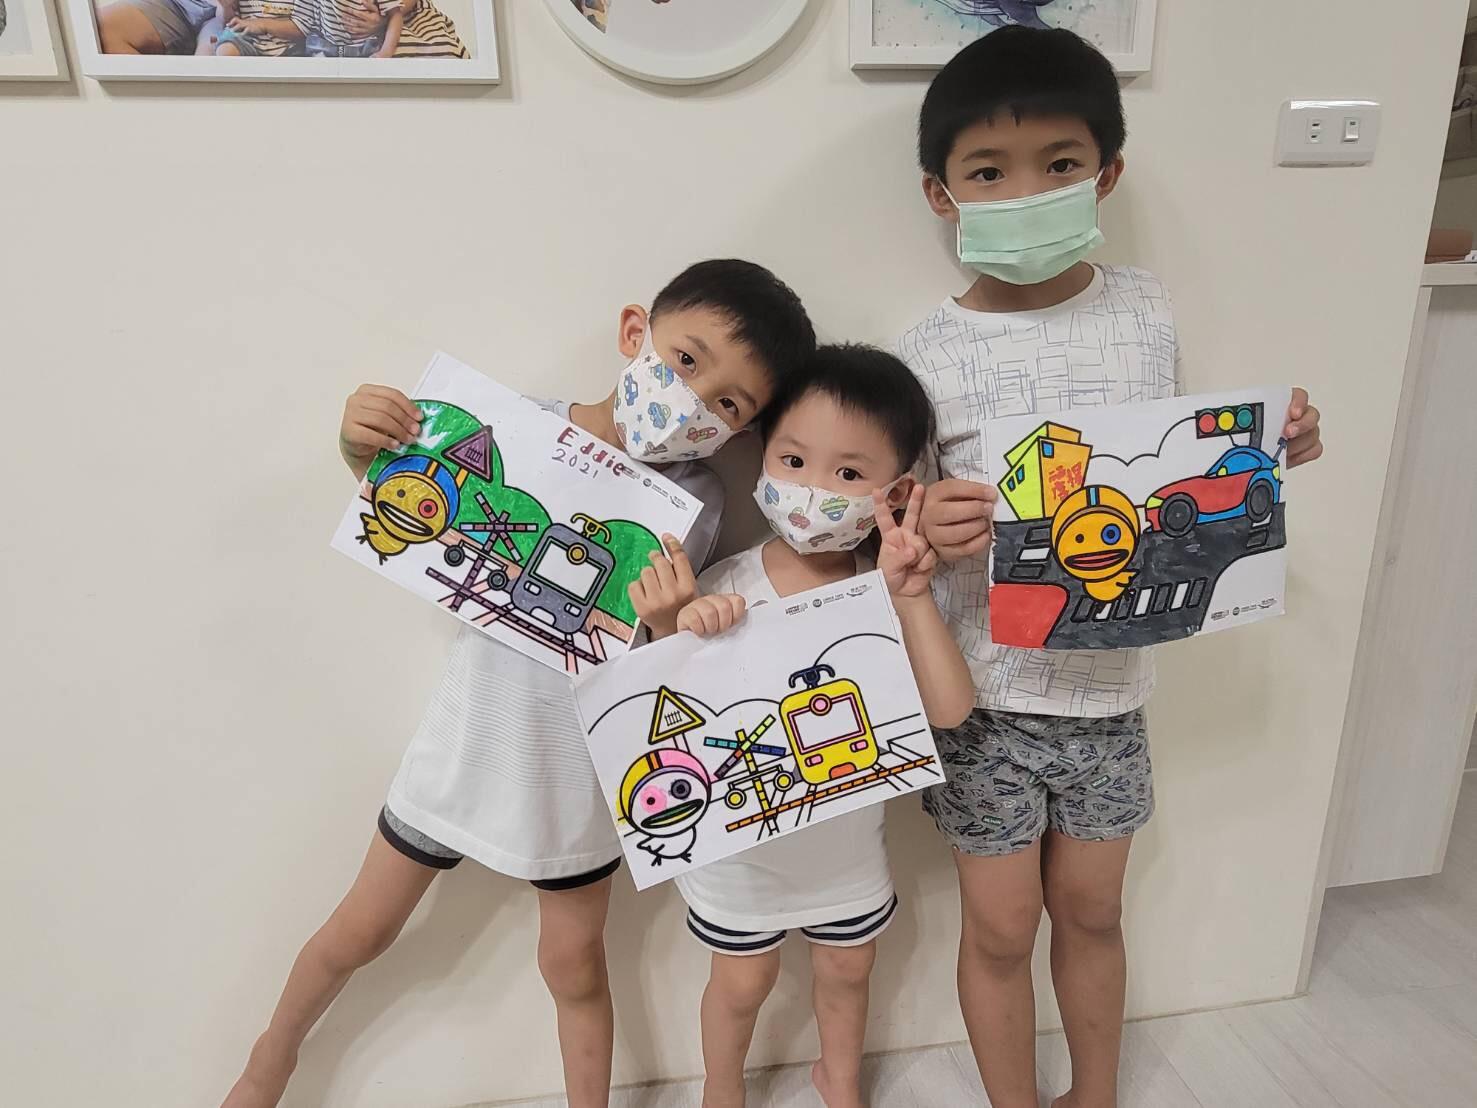 中華車會推出道安著色卡,讓孩子停課在家也可以學習道安知識.jpg